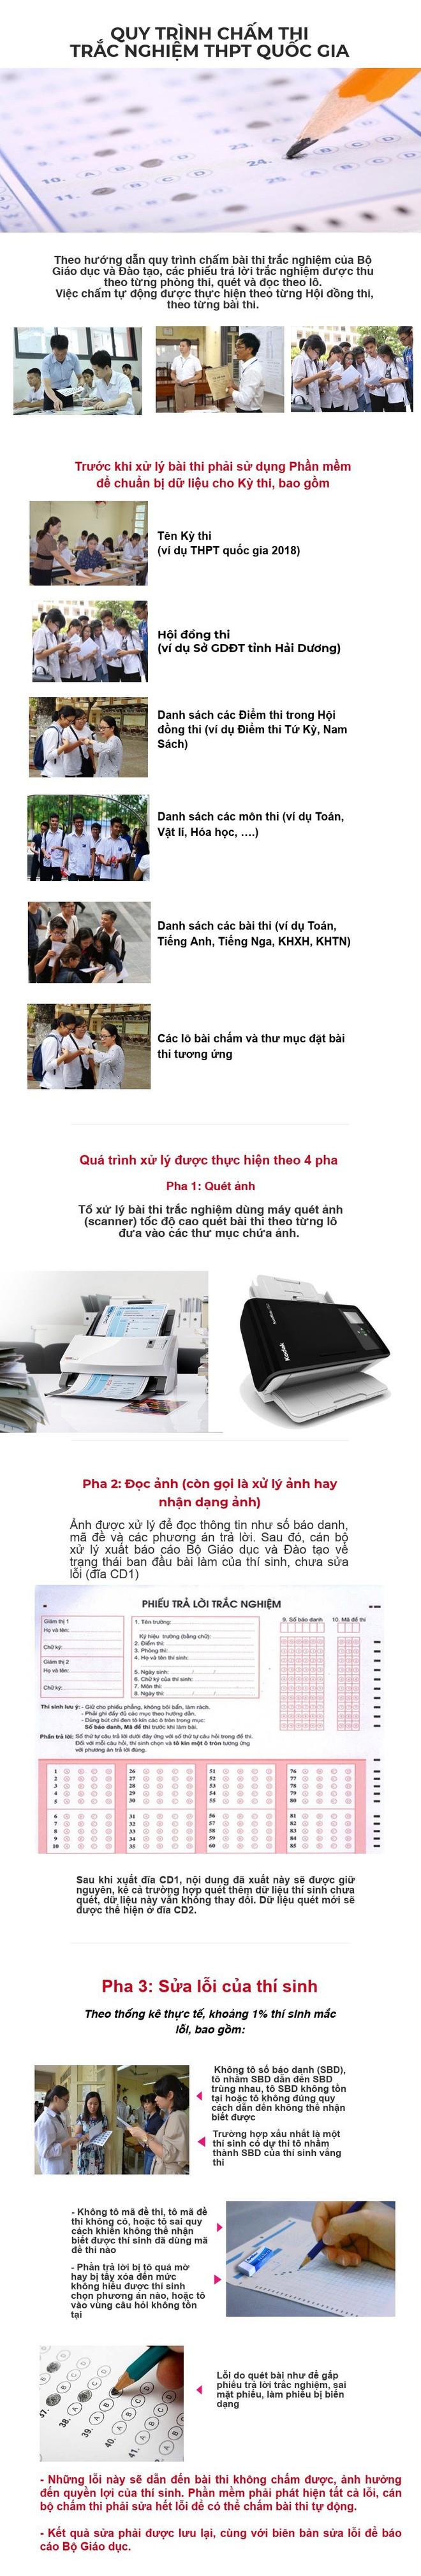 Inforgraphic: Từ điểm cao bất thường ở Hà Giang, soi quy trình chấm thi trắc nghiệm THPT Quốc gia - Ảnh 1.